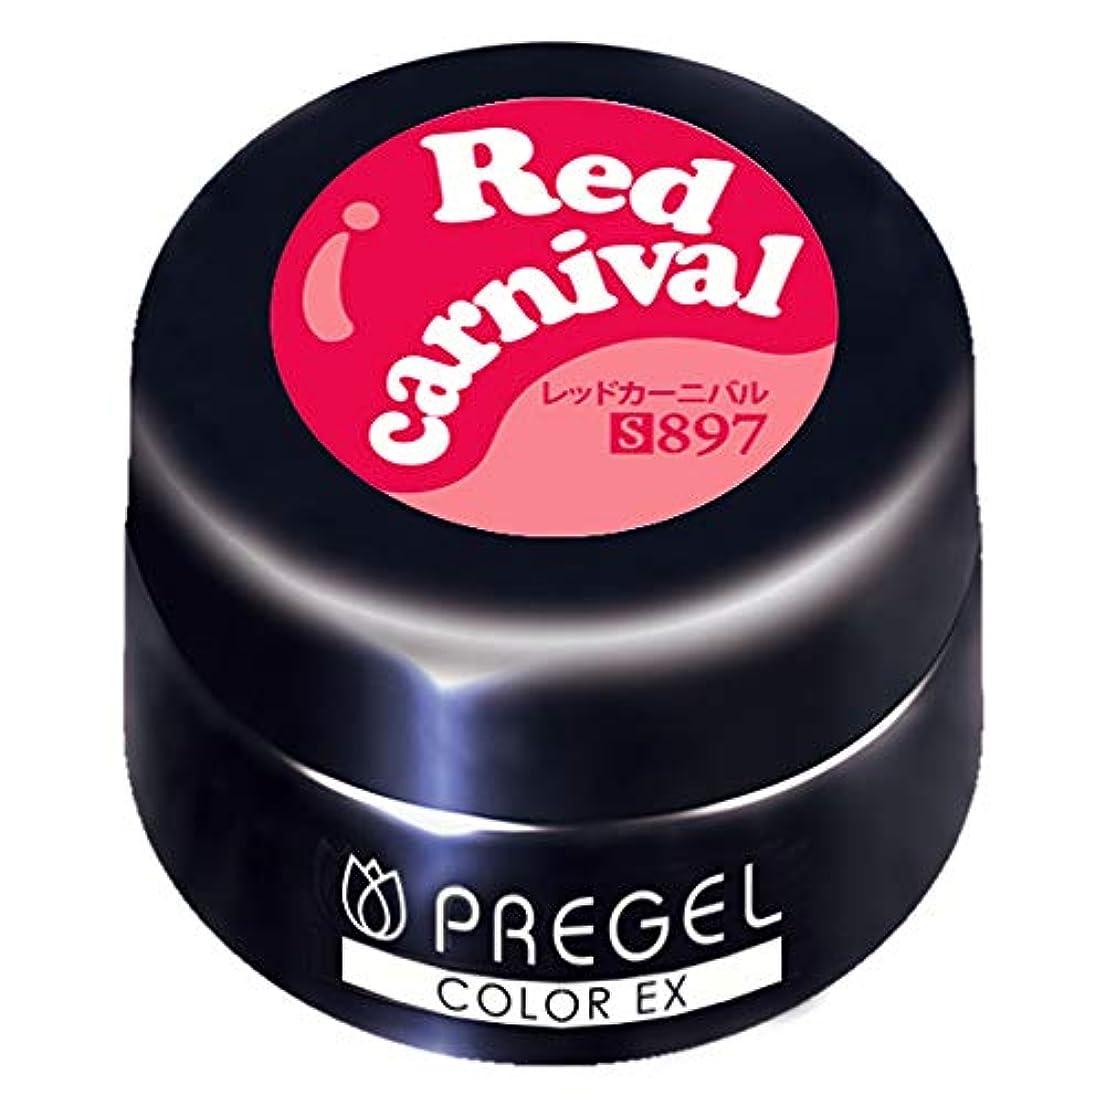 医薬グリーンバック満州PRE GEL カラーEX レッドカーニバル 3g PG-CE897